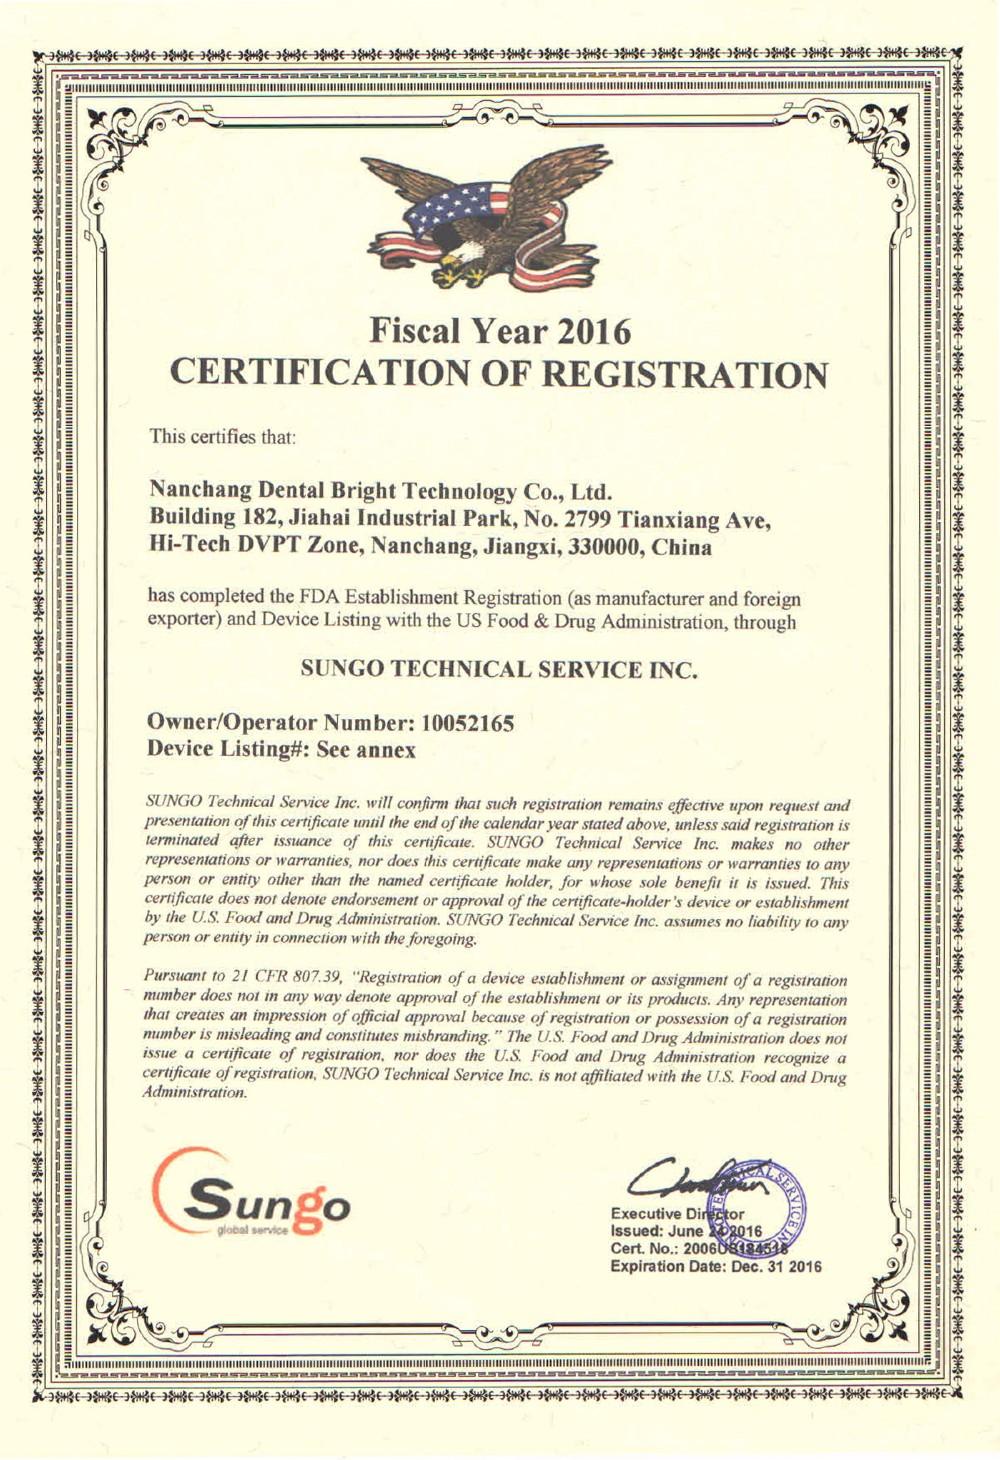 FDA Certification of Registration-1